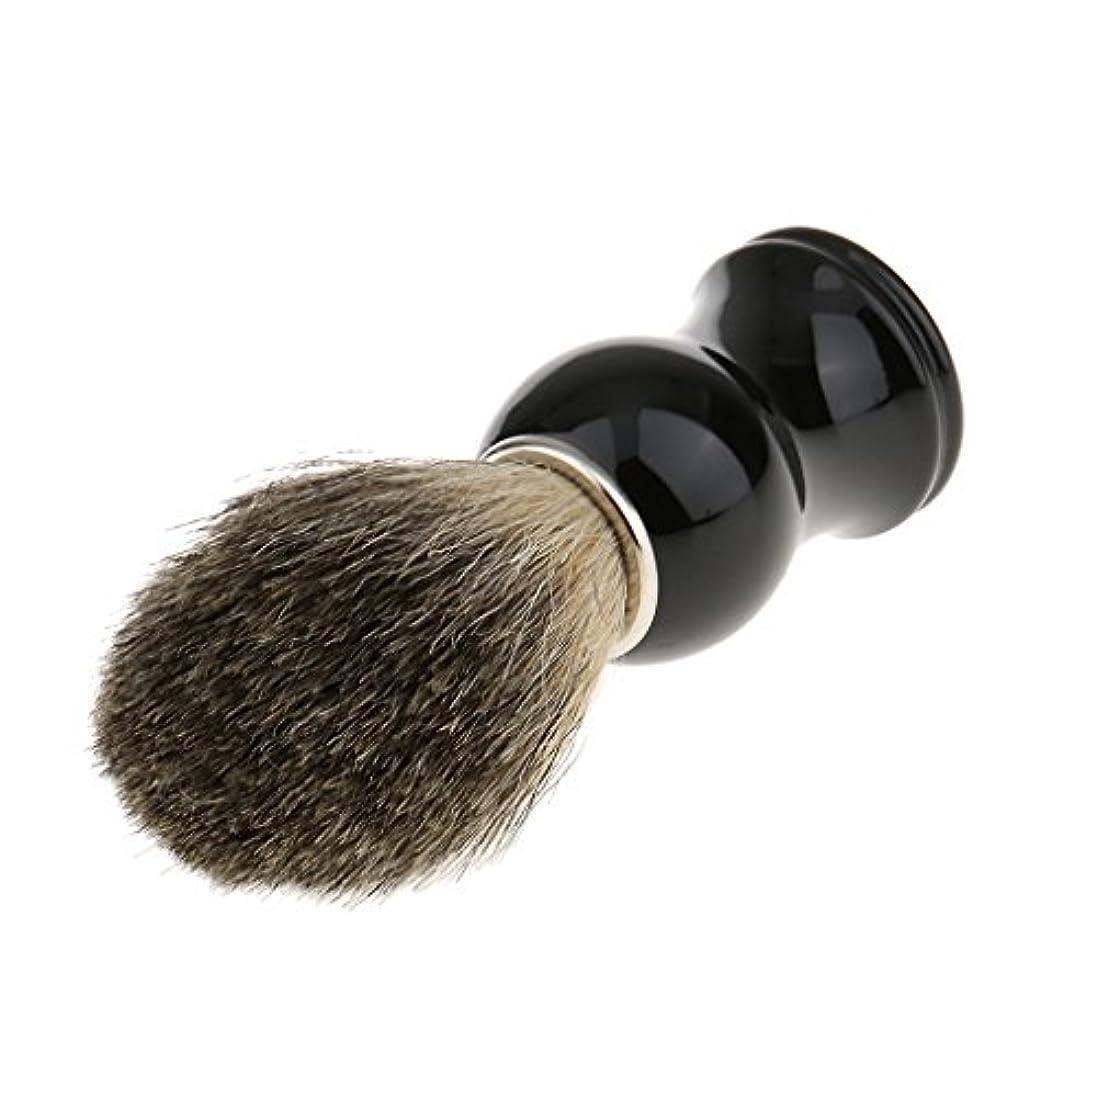 刺します入手しますボルト人工毛 シェービングブラシ 柔らかい 理容 洗顔 髭剃り 乾くやすい 11.2cm ブラックハンドル